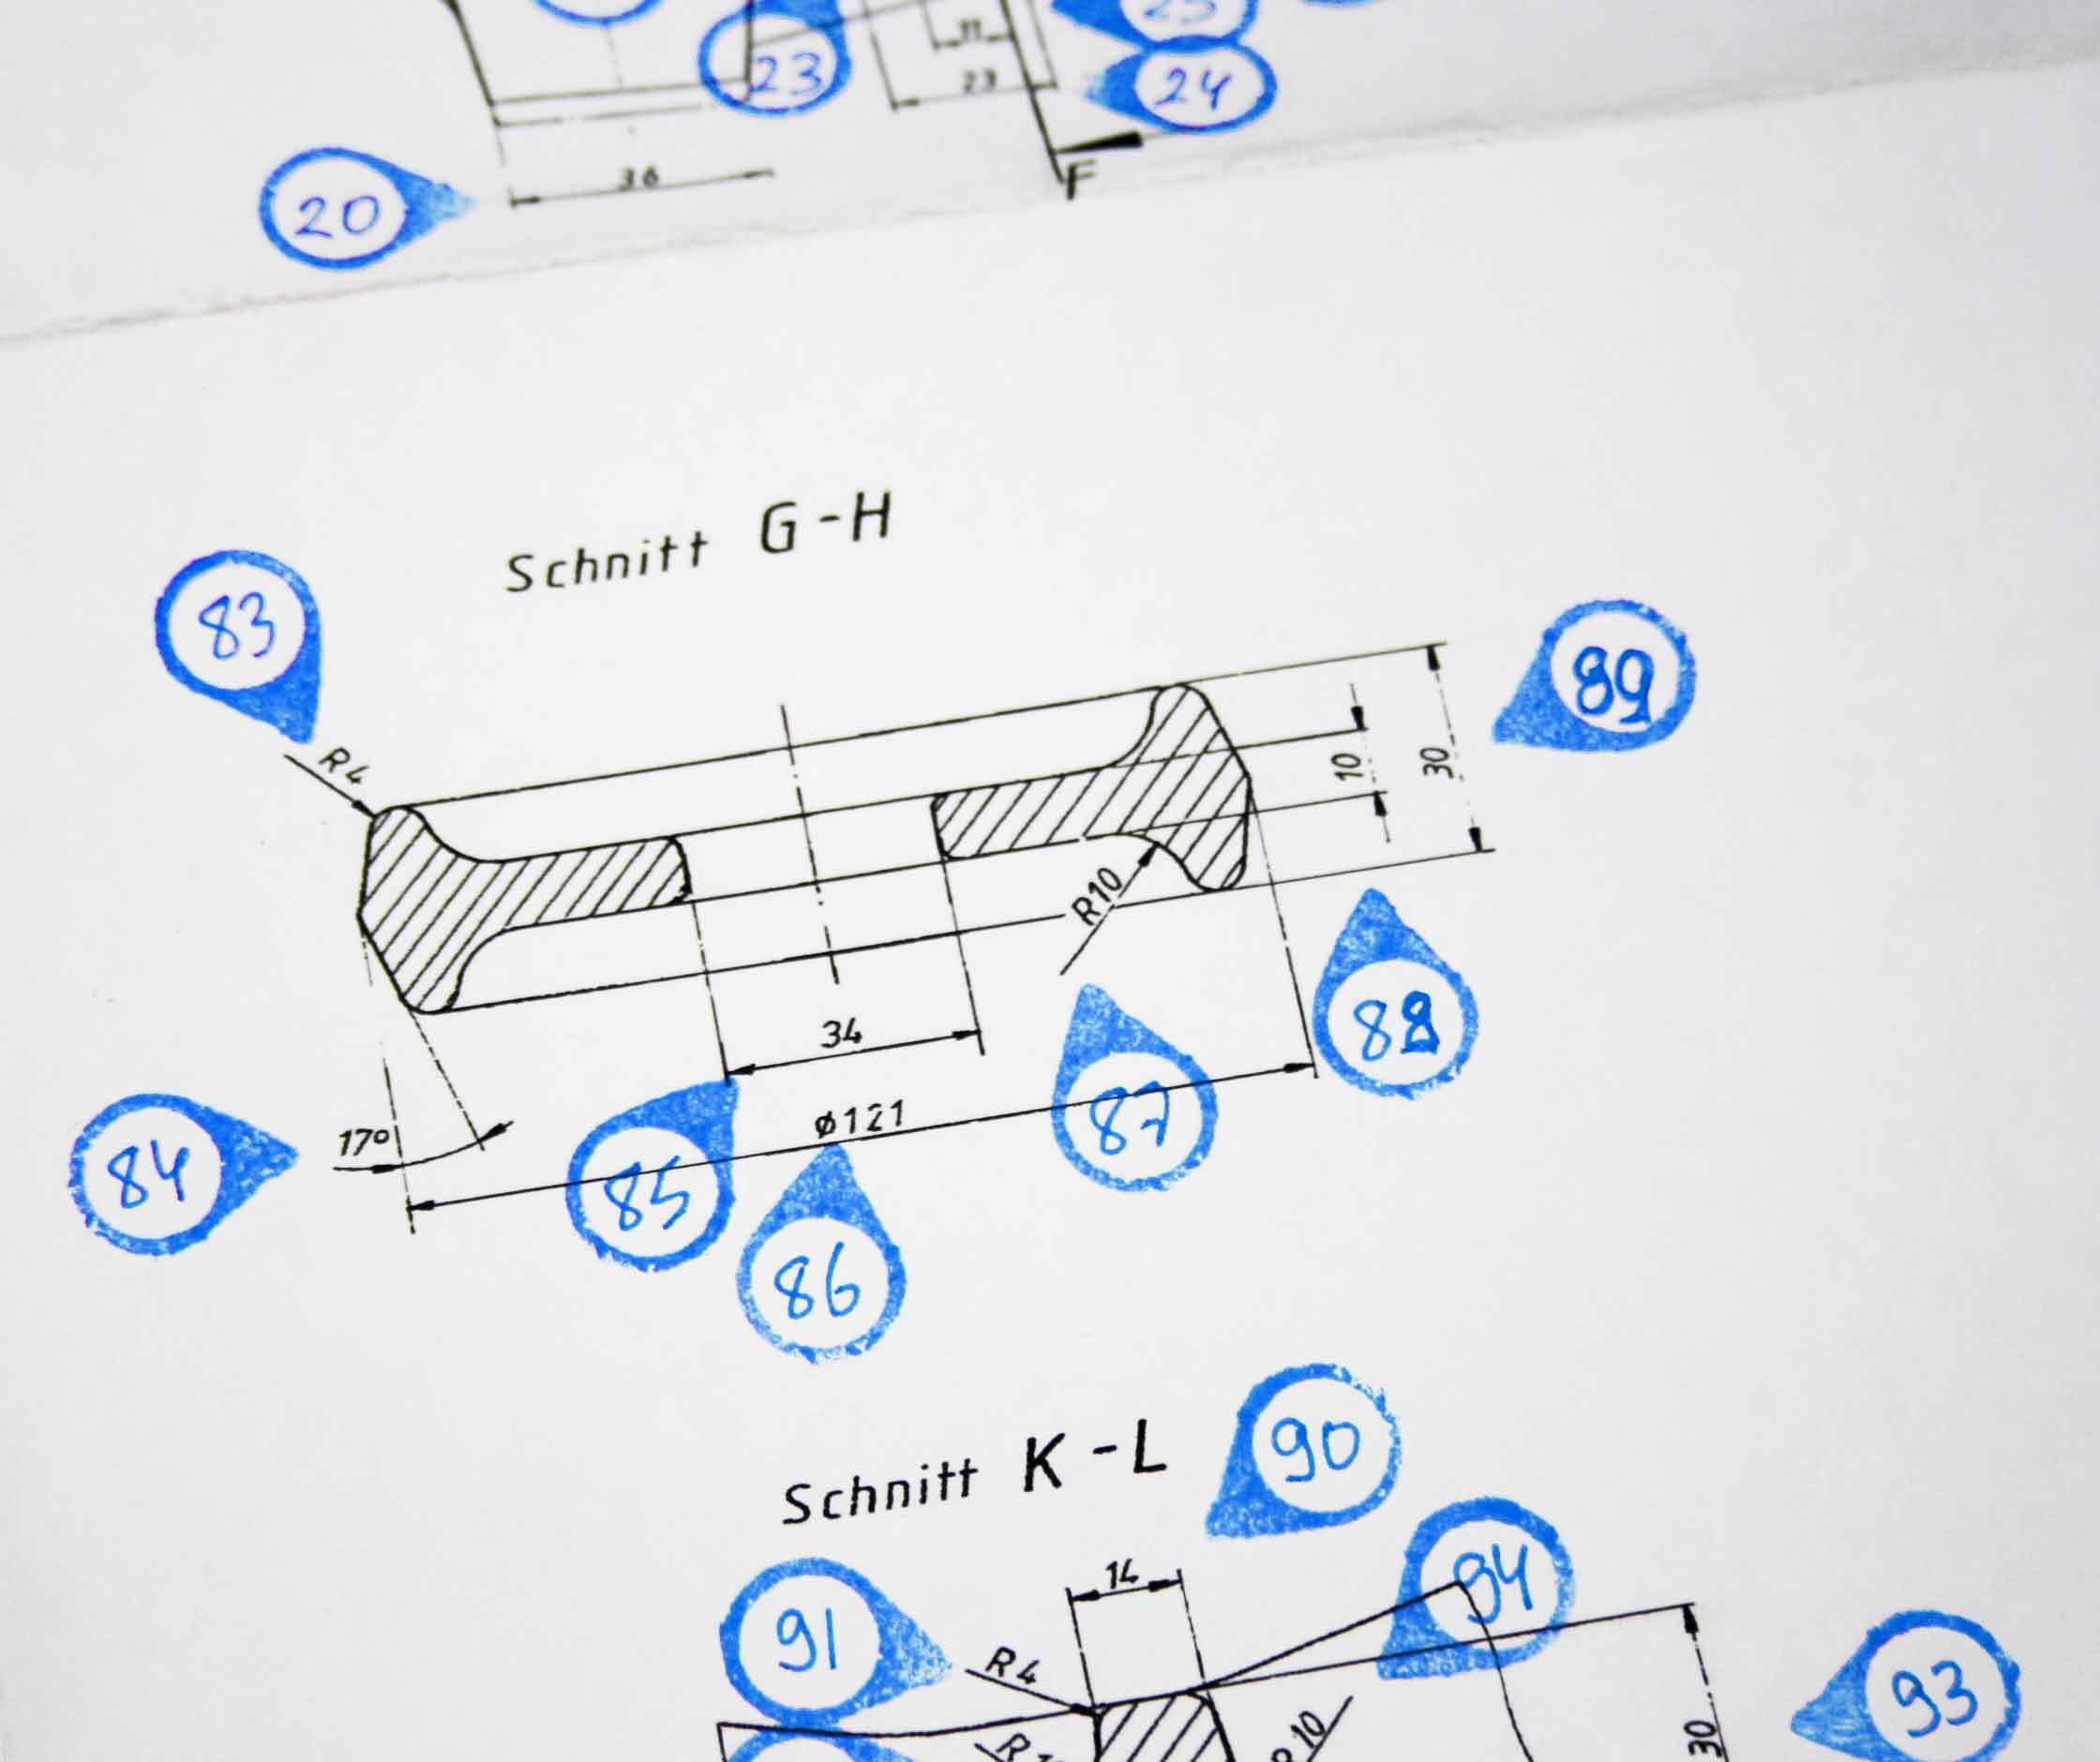 Im Erstmusterprozeß wird im Meßraum an Gussteilen durch taktile Vermessung die der Zeichnungsteile aus Ni-Resist überprüft